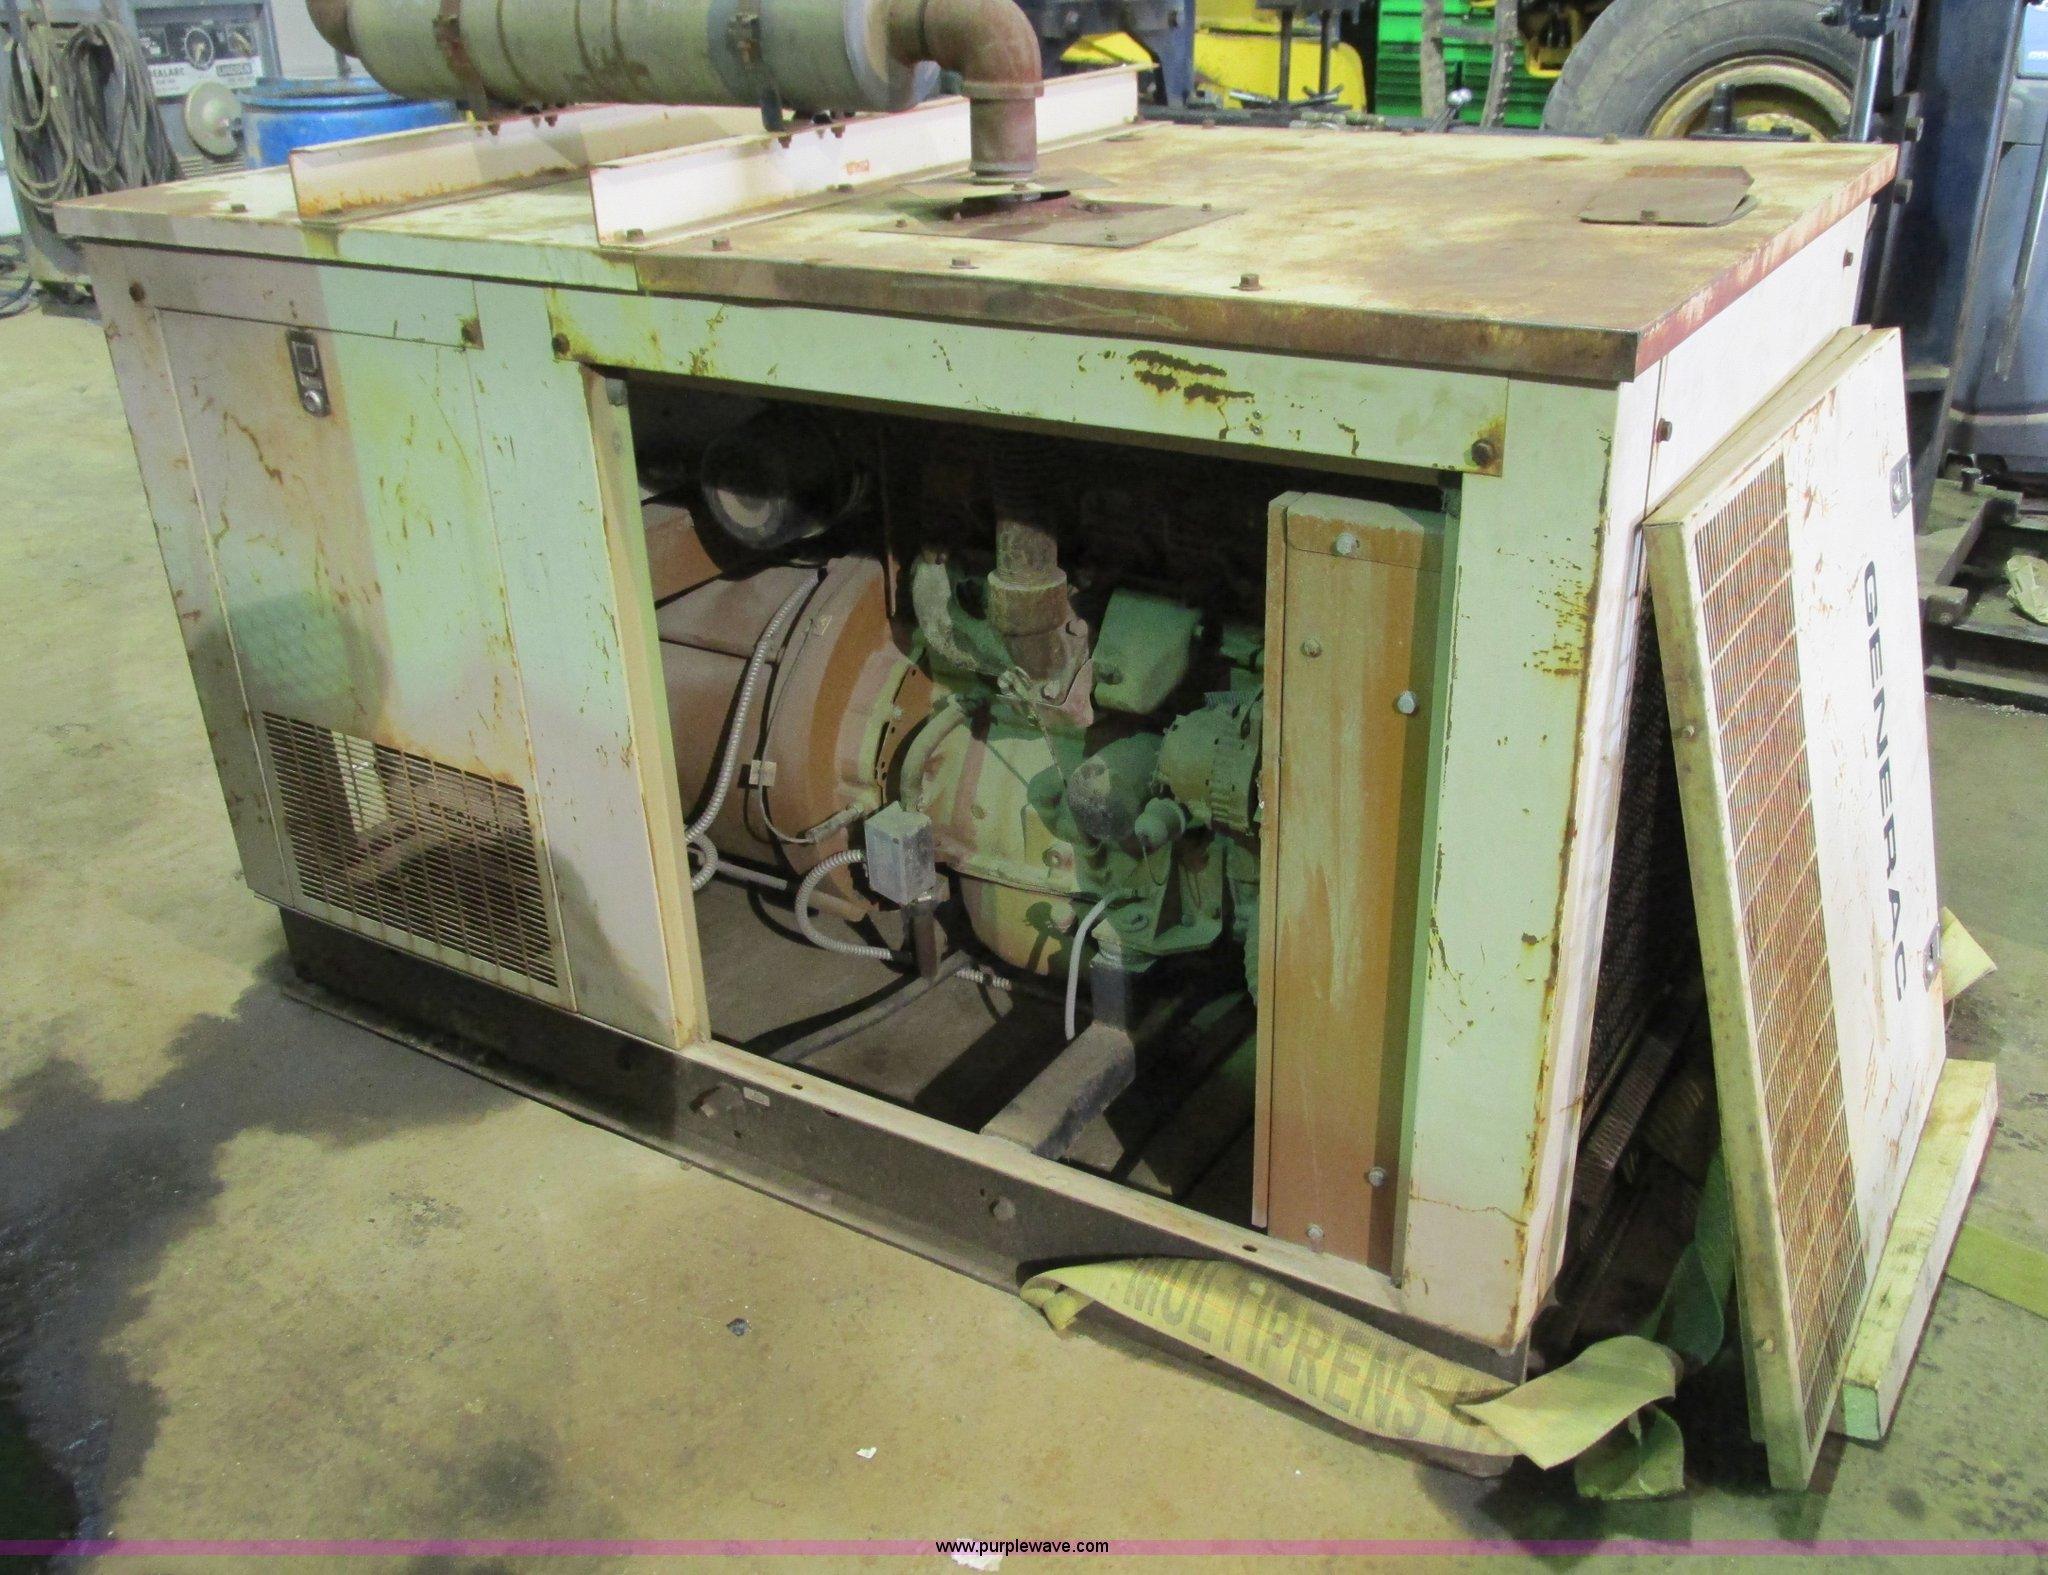 Generac natural gas generator Item G9338